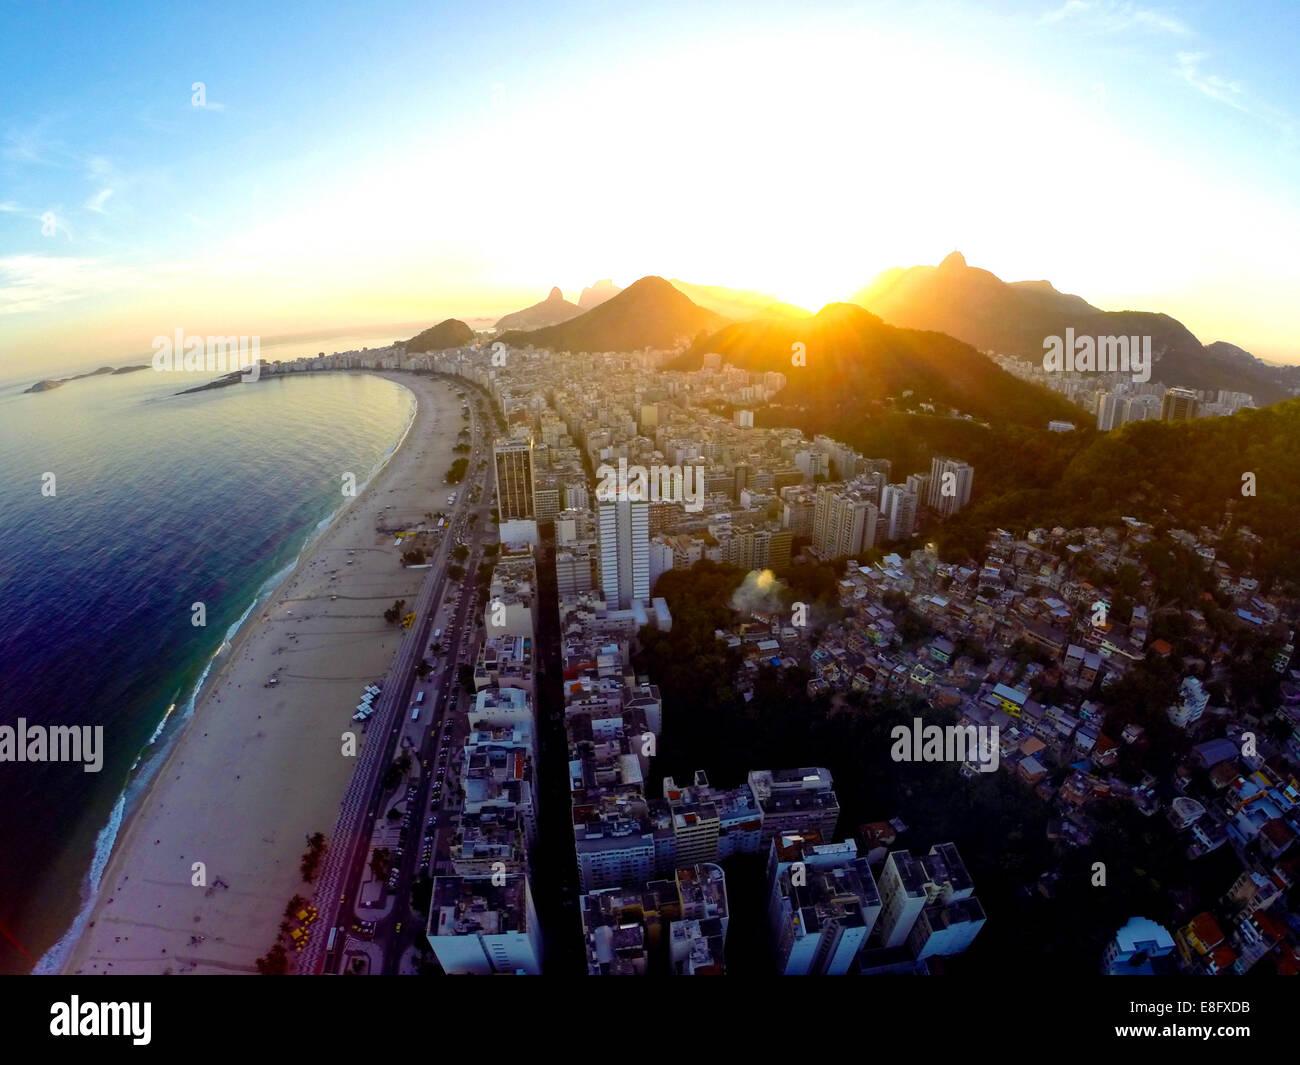 Brésil, Rio de Janeiro, vue aérienne de la plage de Copacabana au coucher du soleil Photo Stock